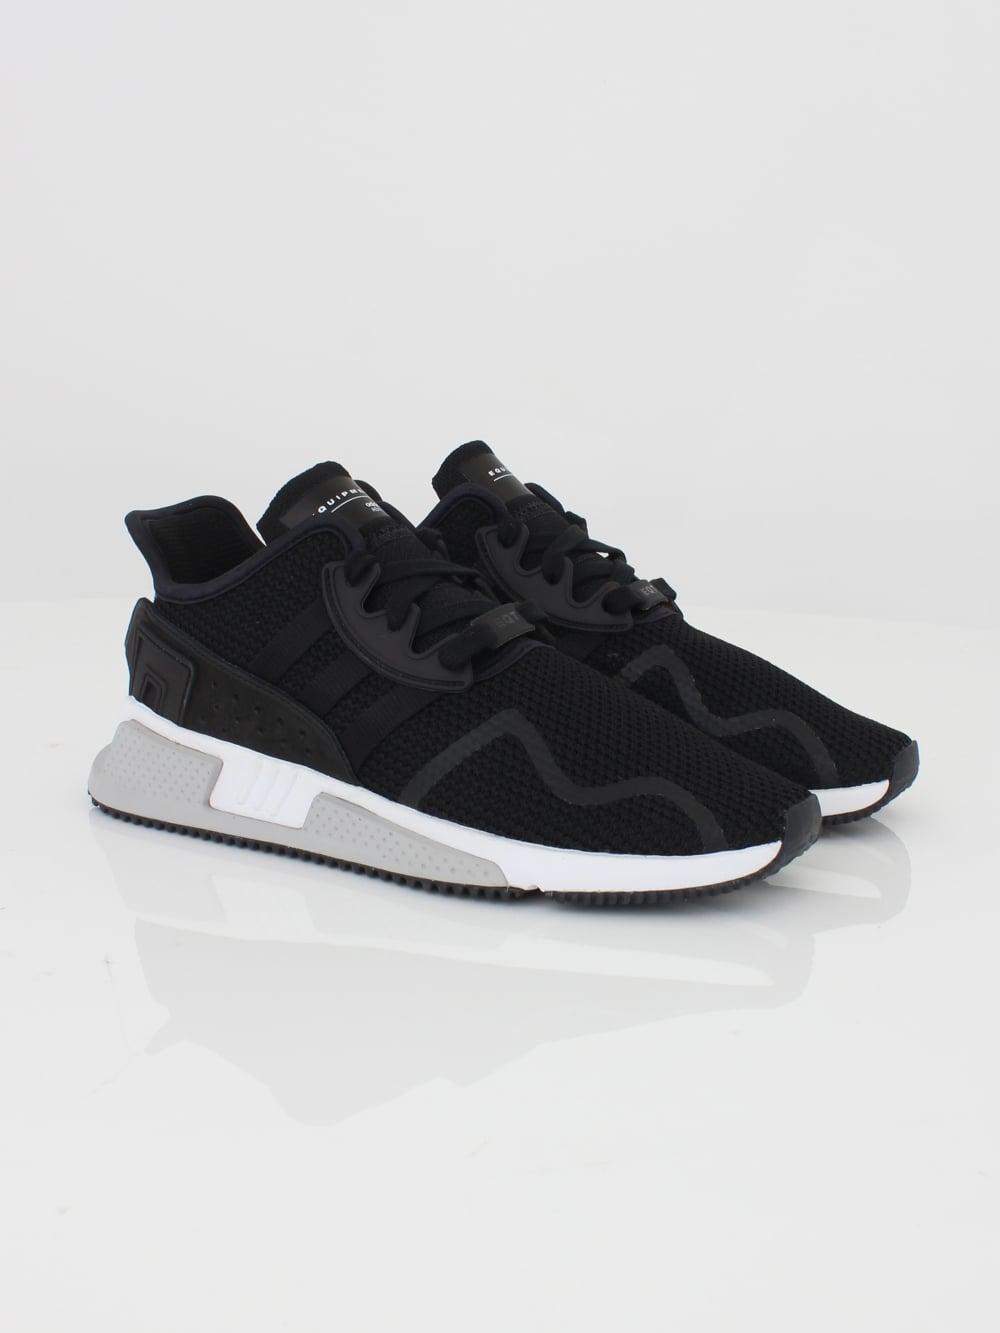 Adidas Originals Eqt Cushion Advantage Black